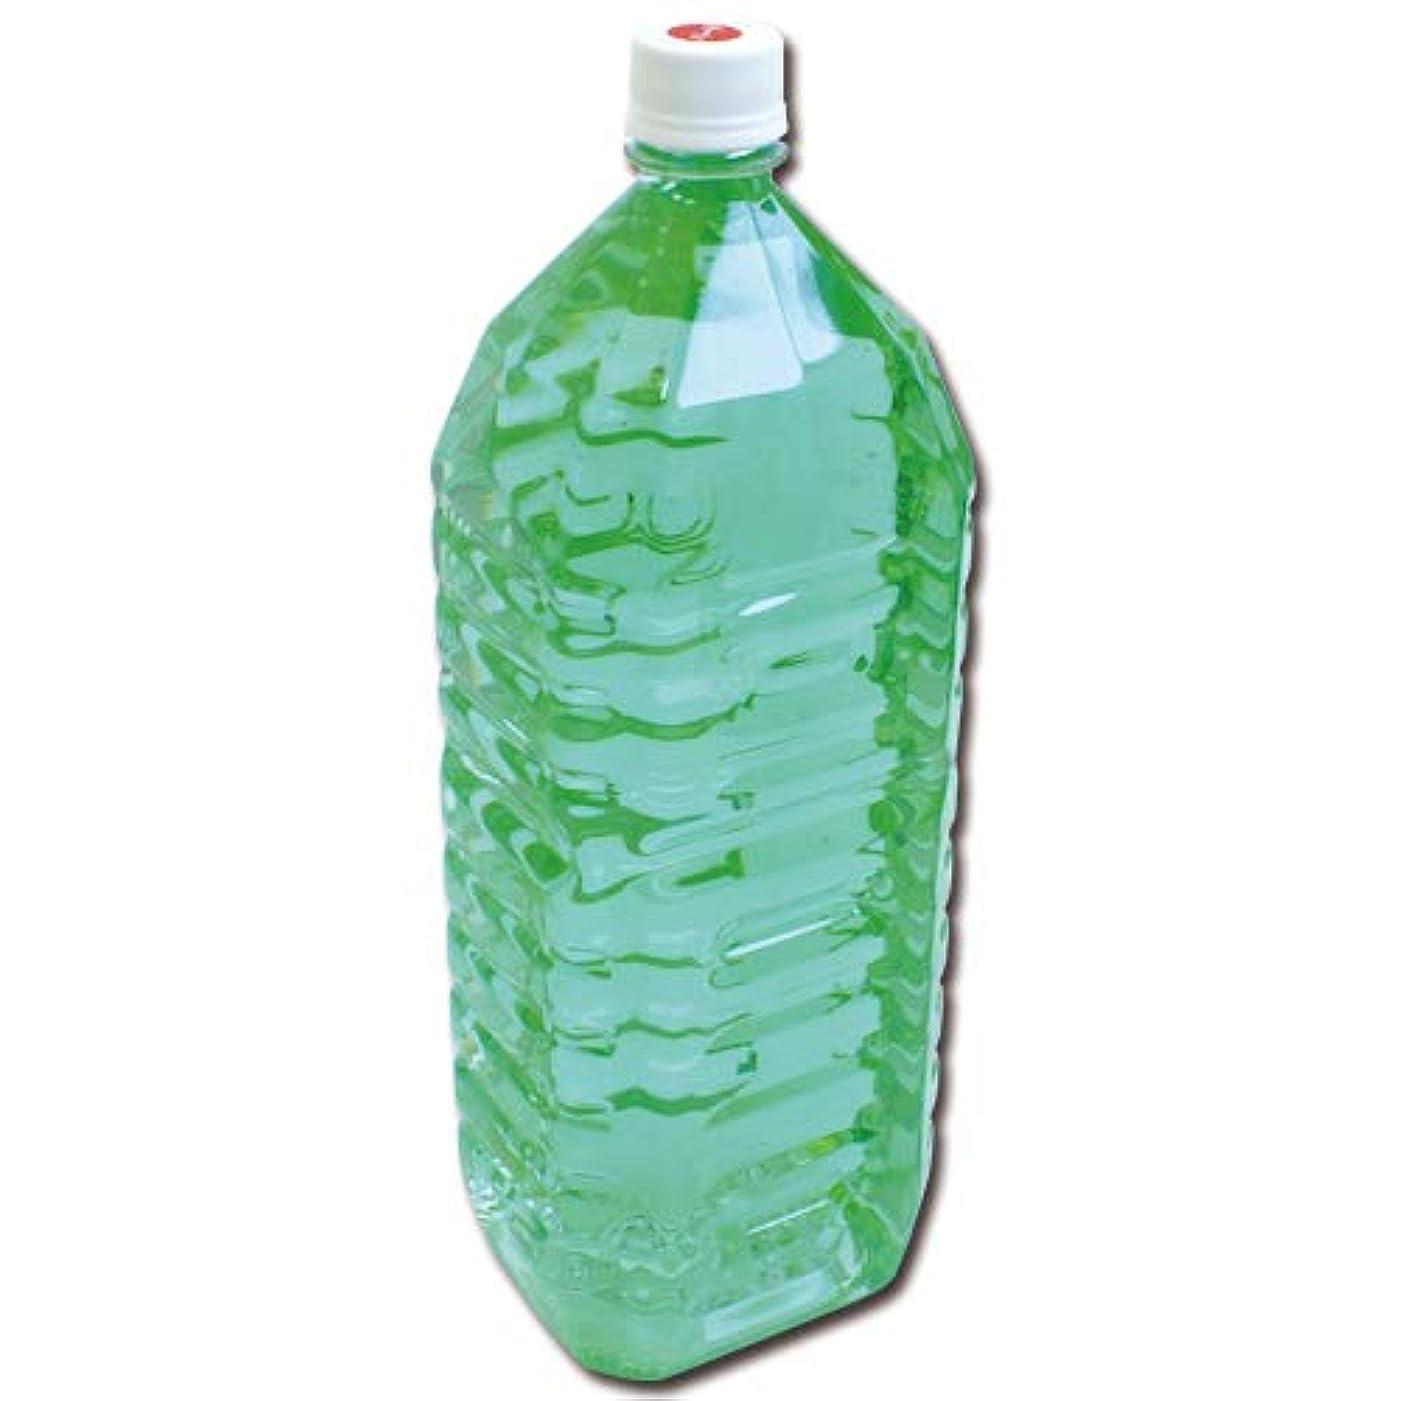 親指卑しい免疫アロエローション アロエベラエキス配合 2Lペットボトル ハードタイプ(5倍濃縮原液)│業務用ローション ヌルヌル潤滑ローション マッサージゼリー